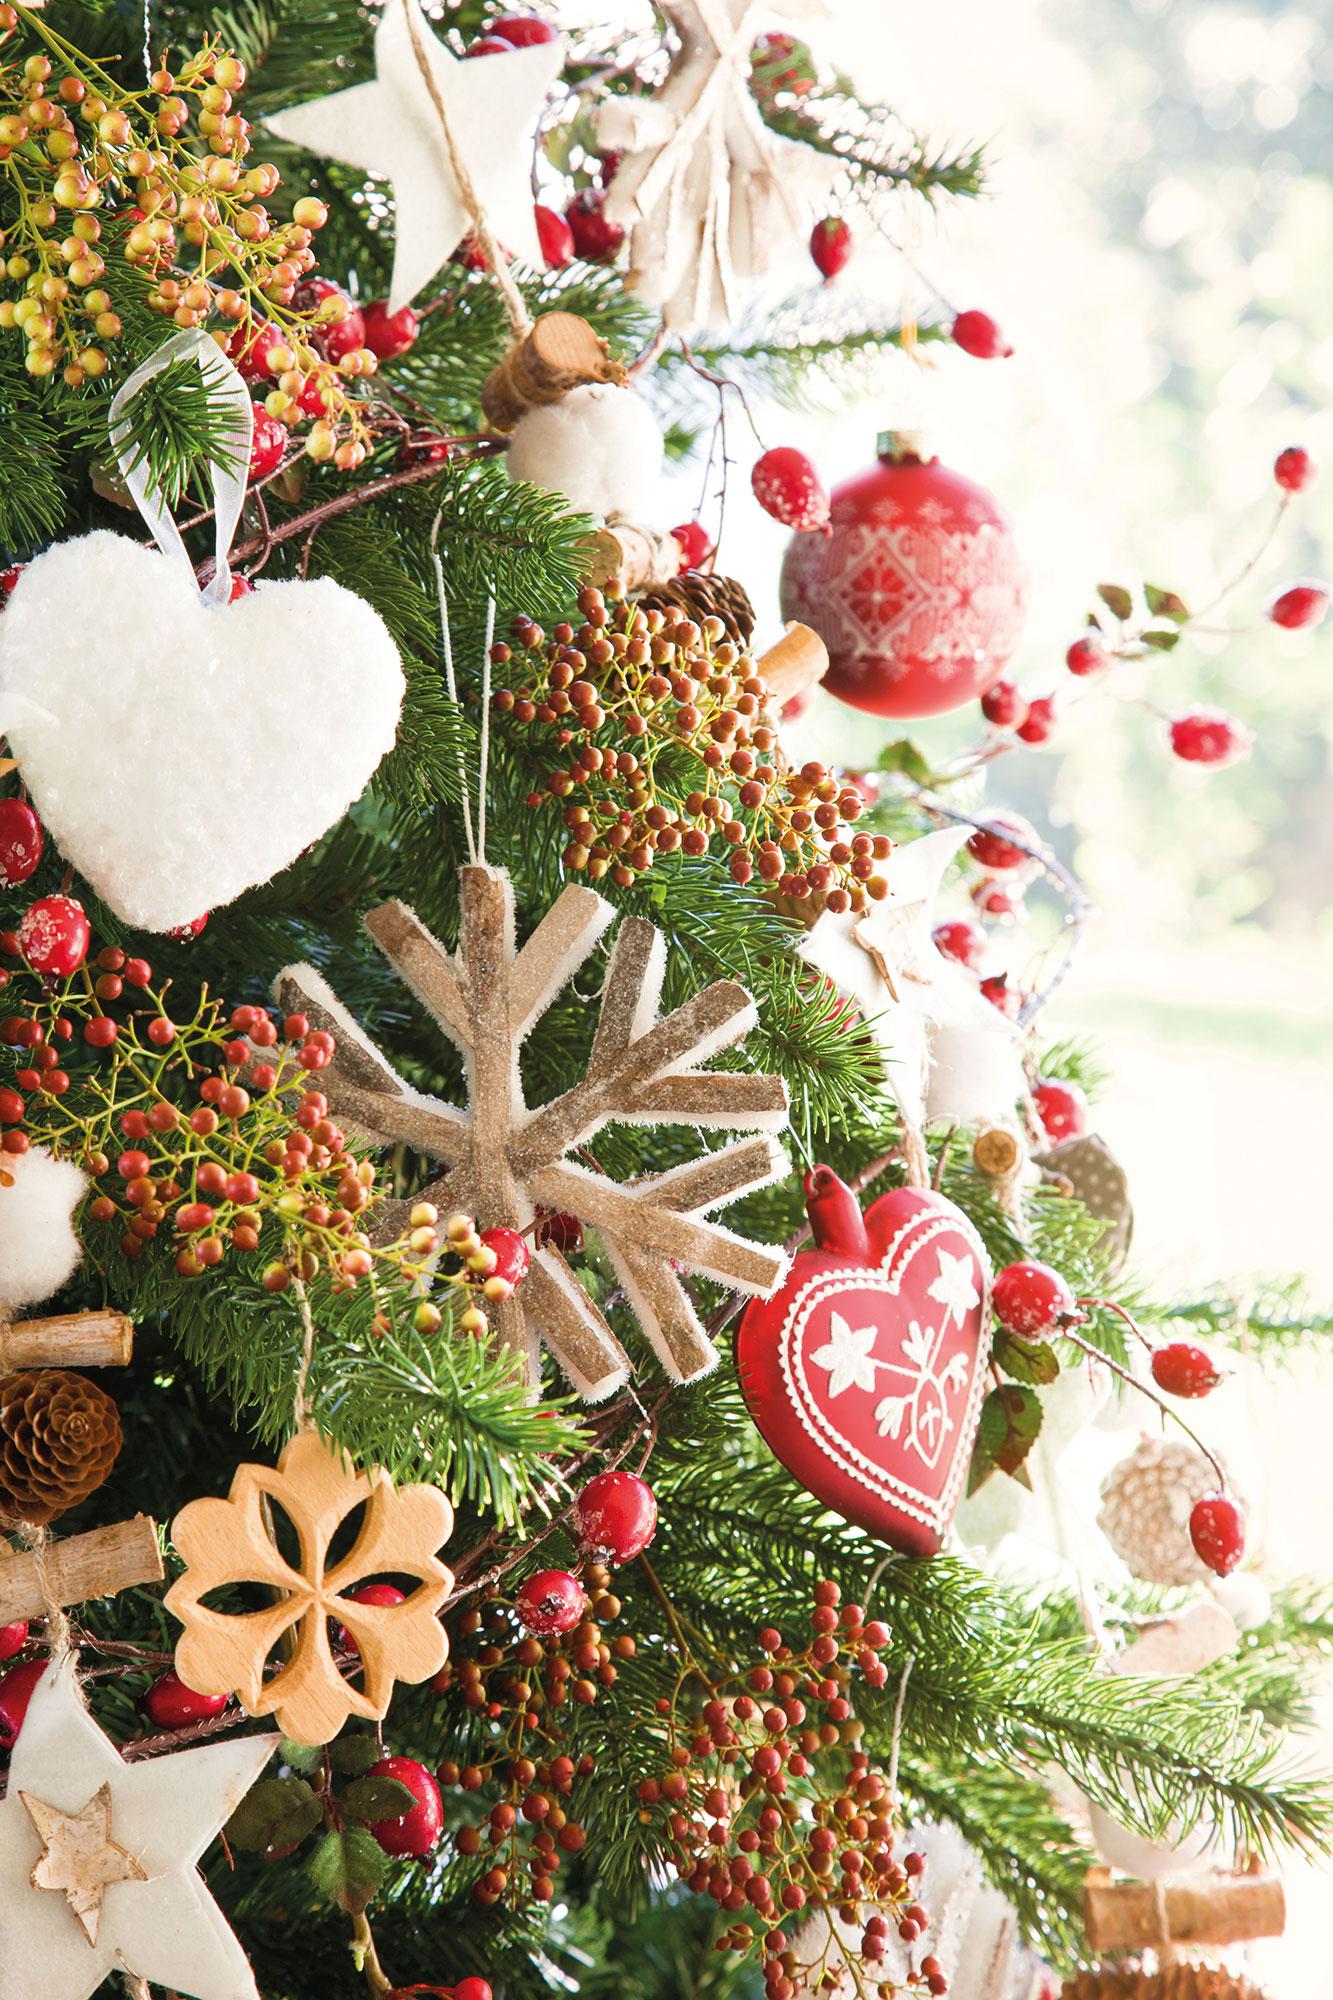 Una navidad en rojo y verde 15 ideas para decorar tu casa for Adornos arbol navidad online